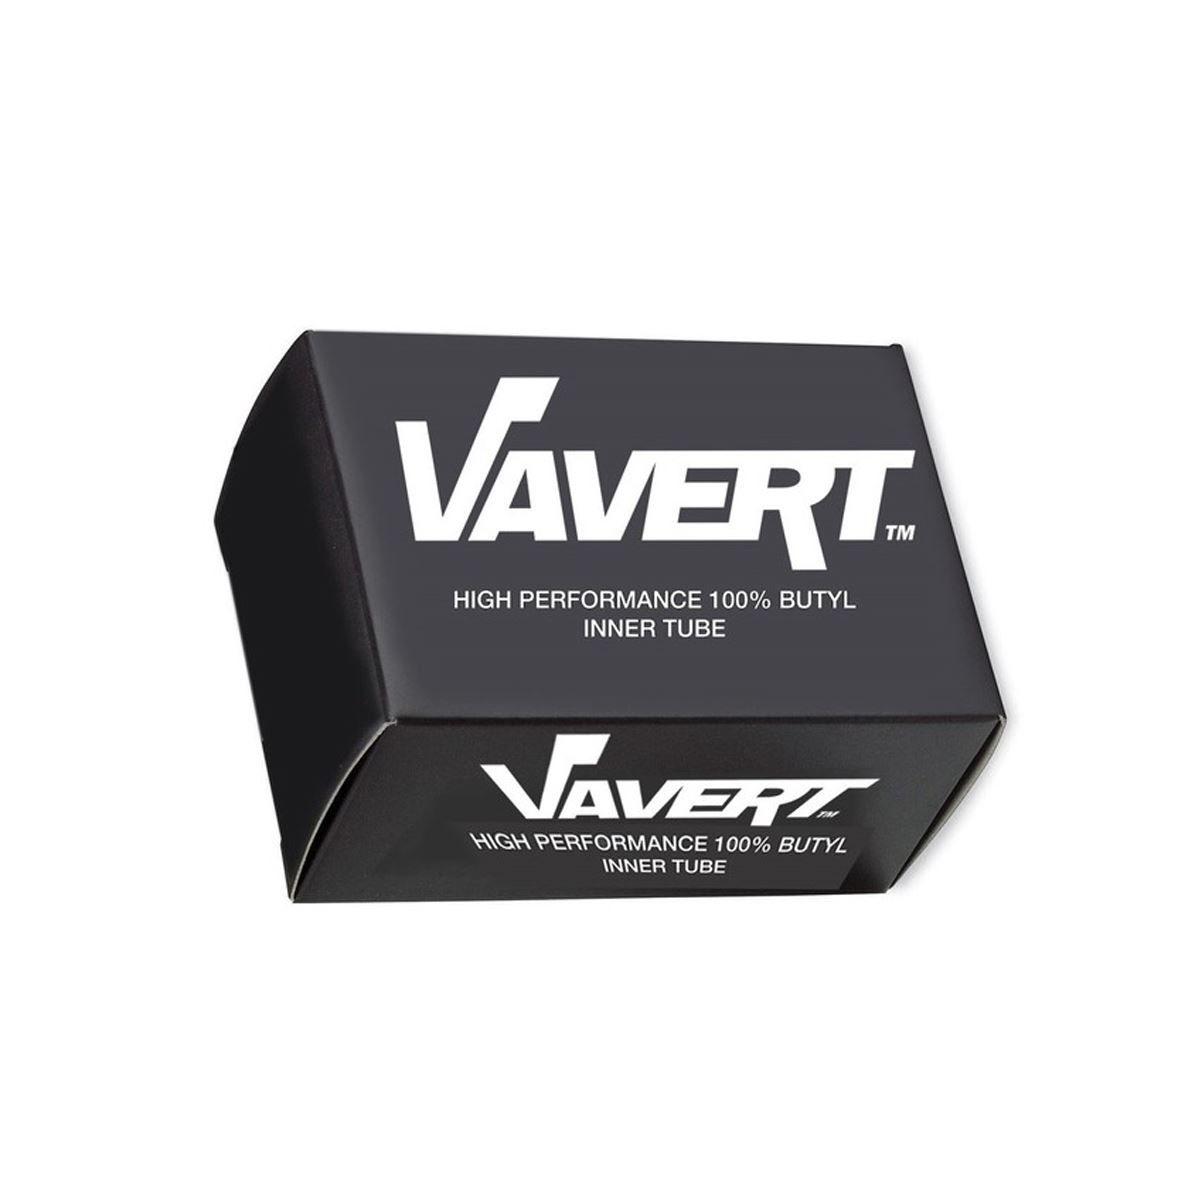 Vavert Inner Tube 16X1.75/1.95 Schrader Valve: Black 16